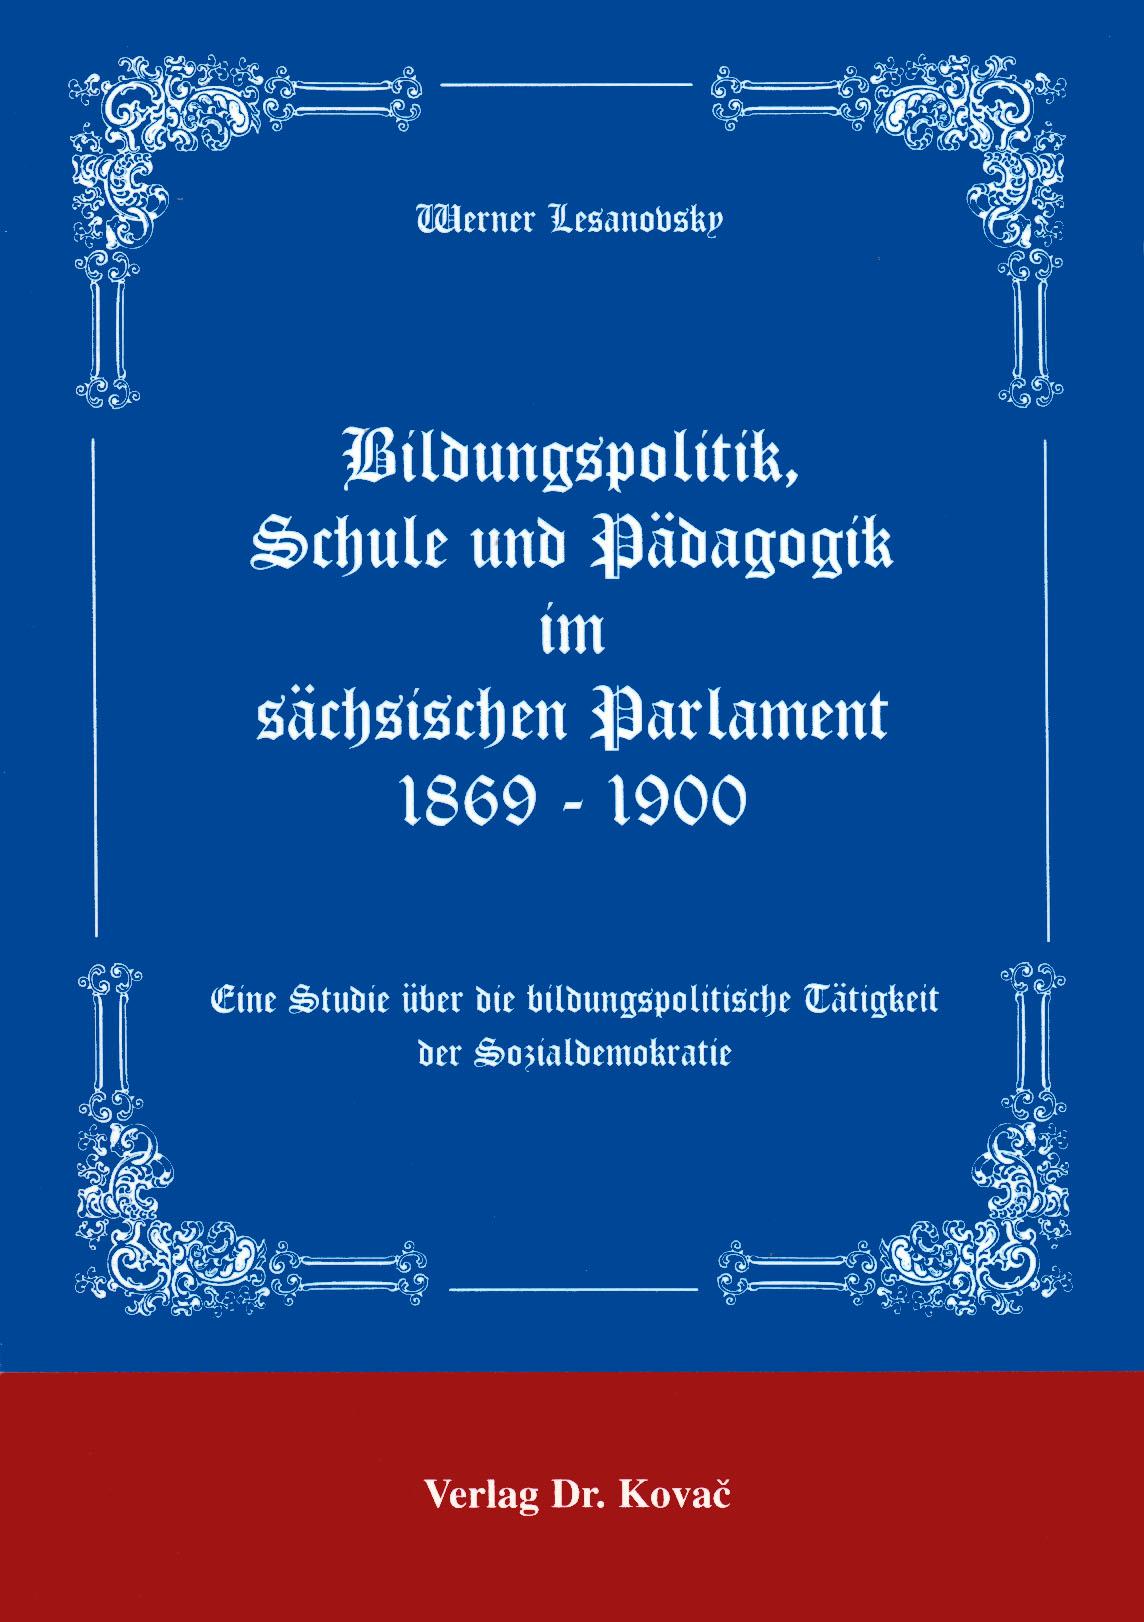 Cover: Bildungspolitik, Schule und Pädagogik im sächsischen Parlament 1869-1900